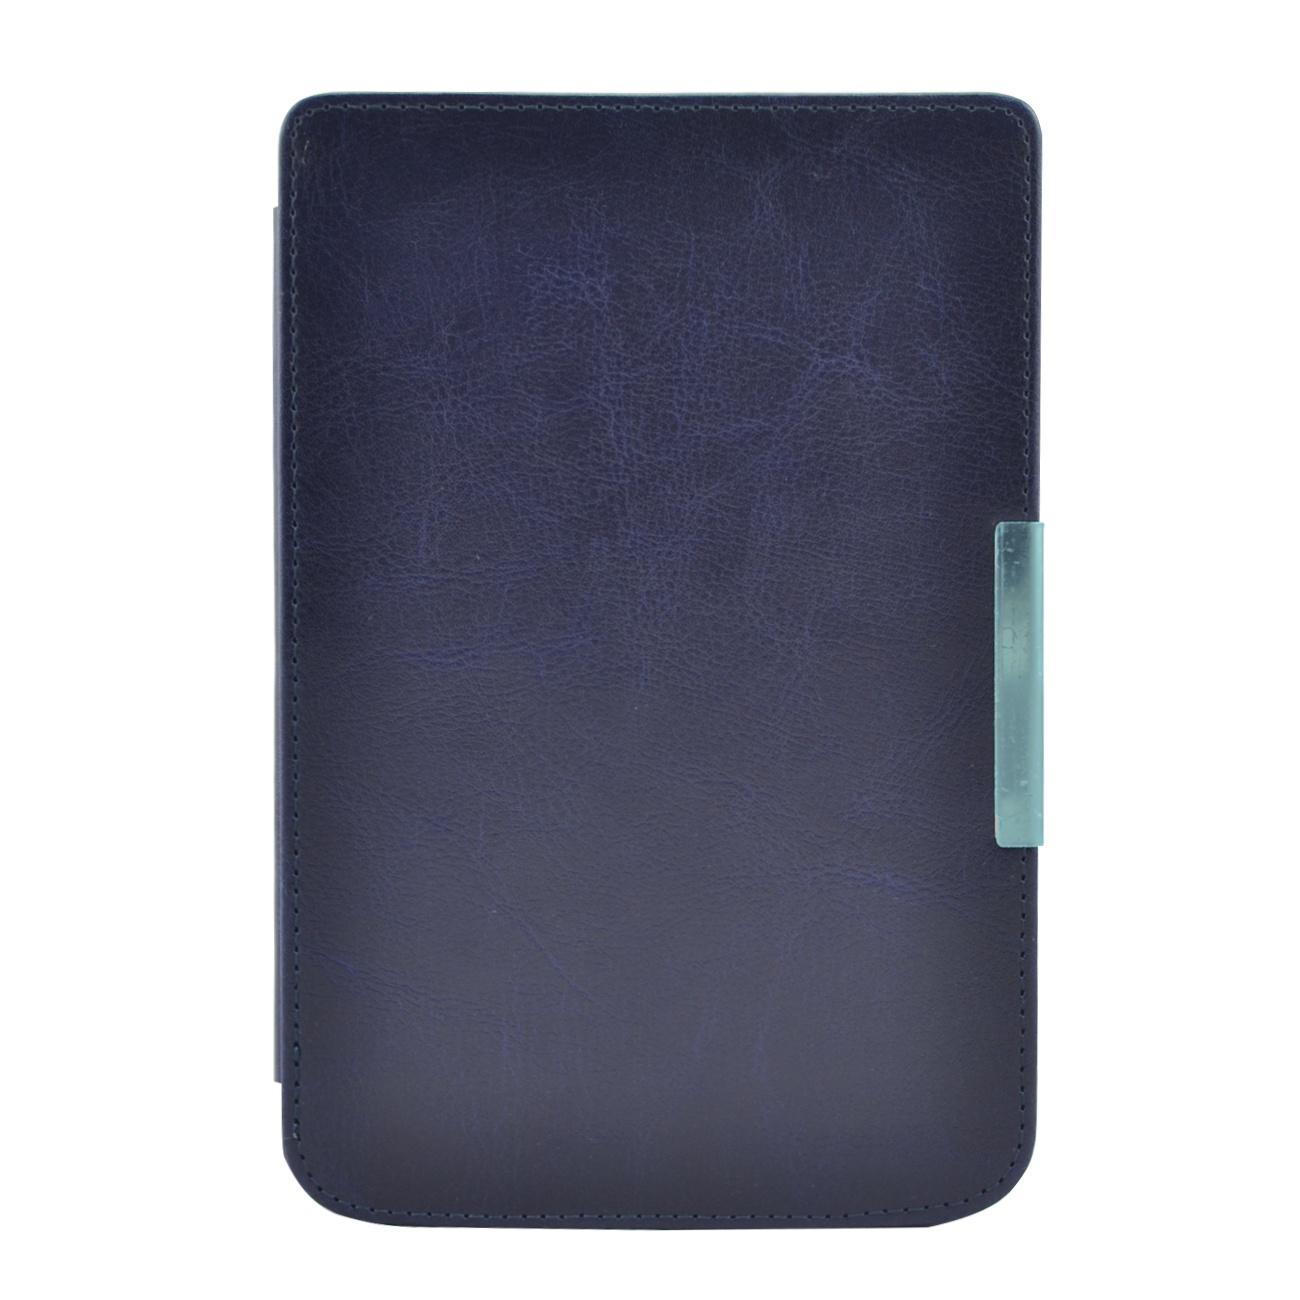 Чехол для электронной книги GoodChoice Pocketbook 614,615,624,625,626,641, темно-синий